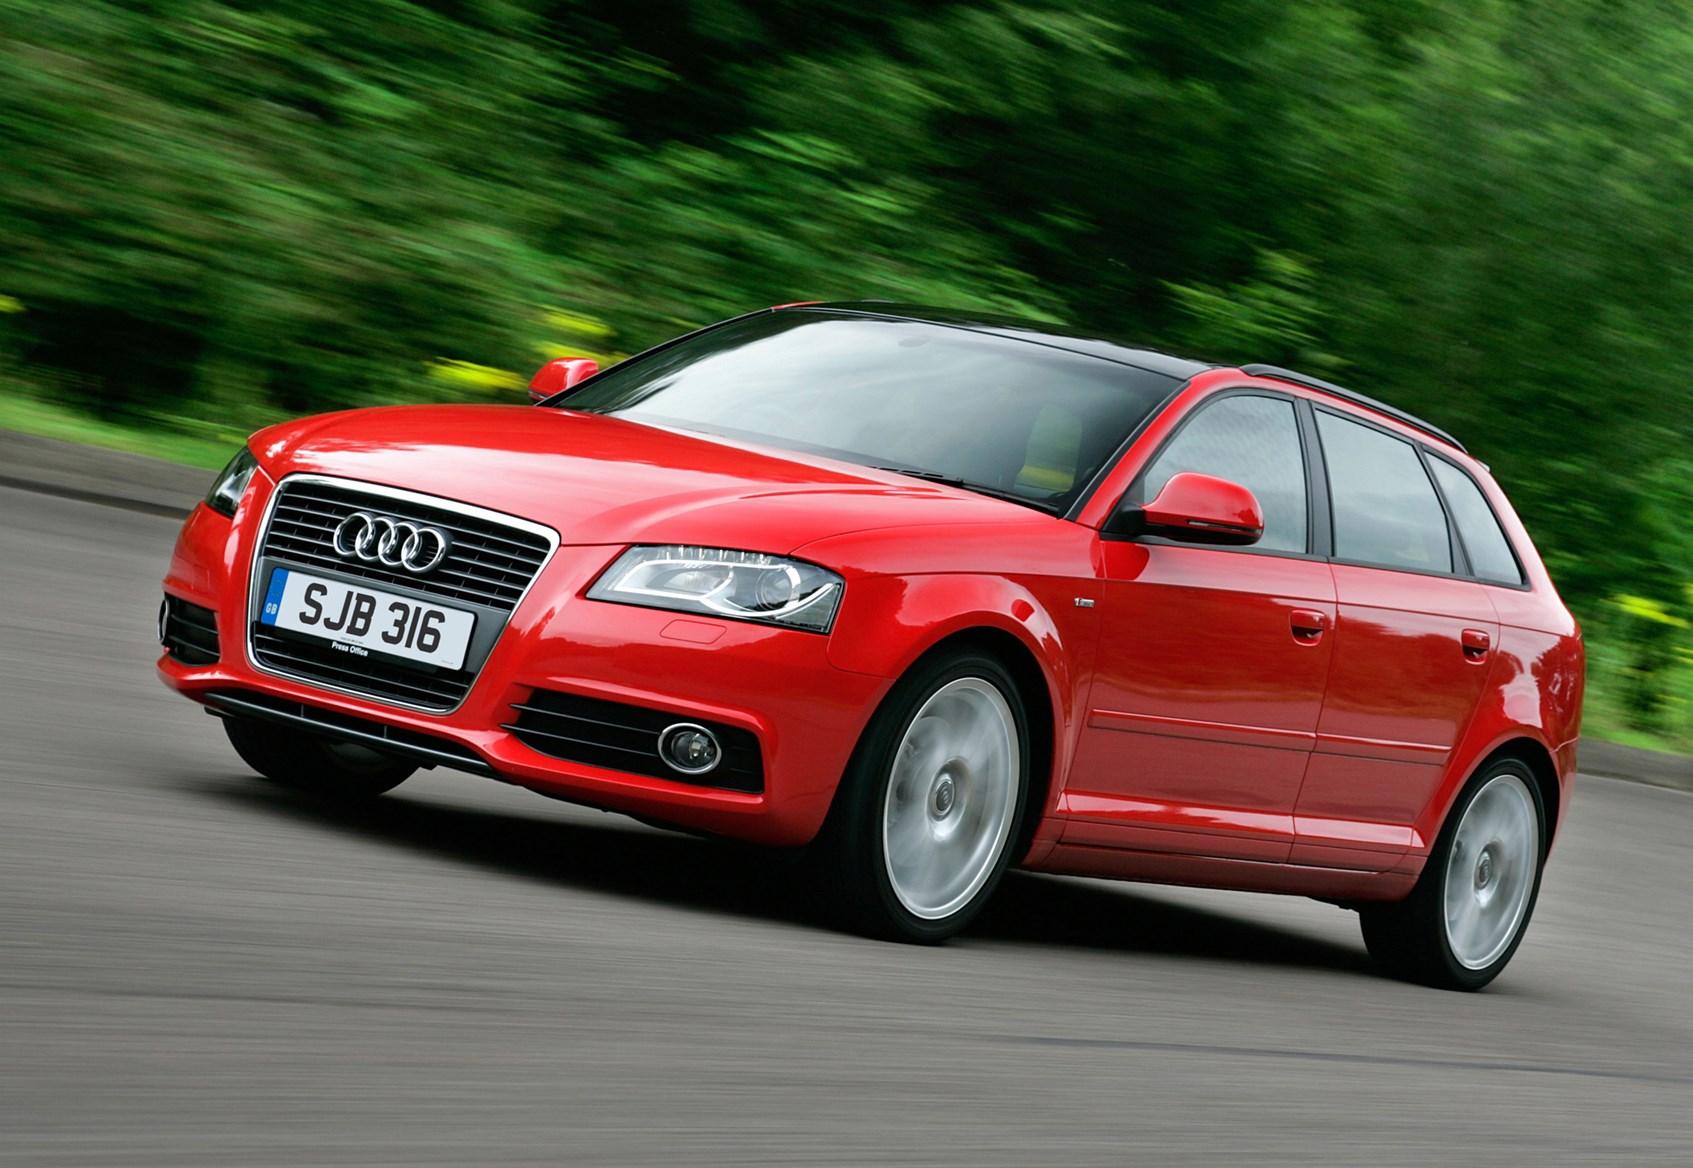 Audi A3 Sportback Review 2004  2013  Parkers